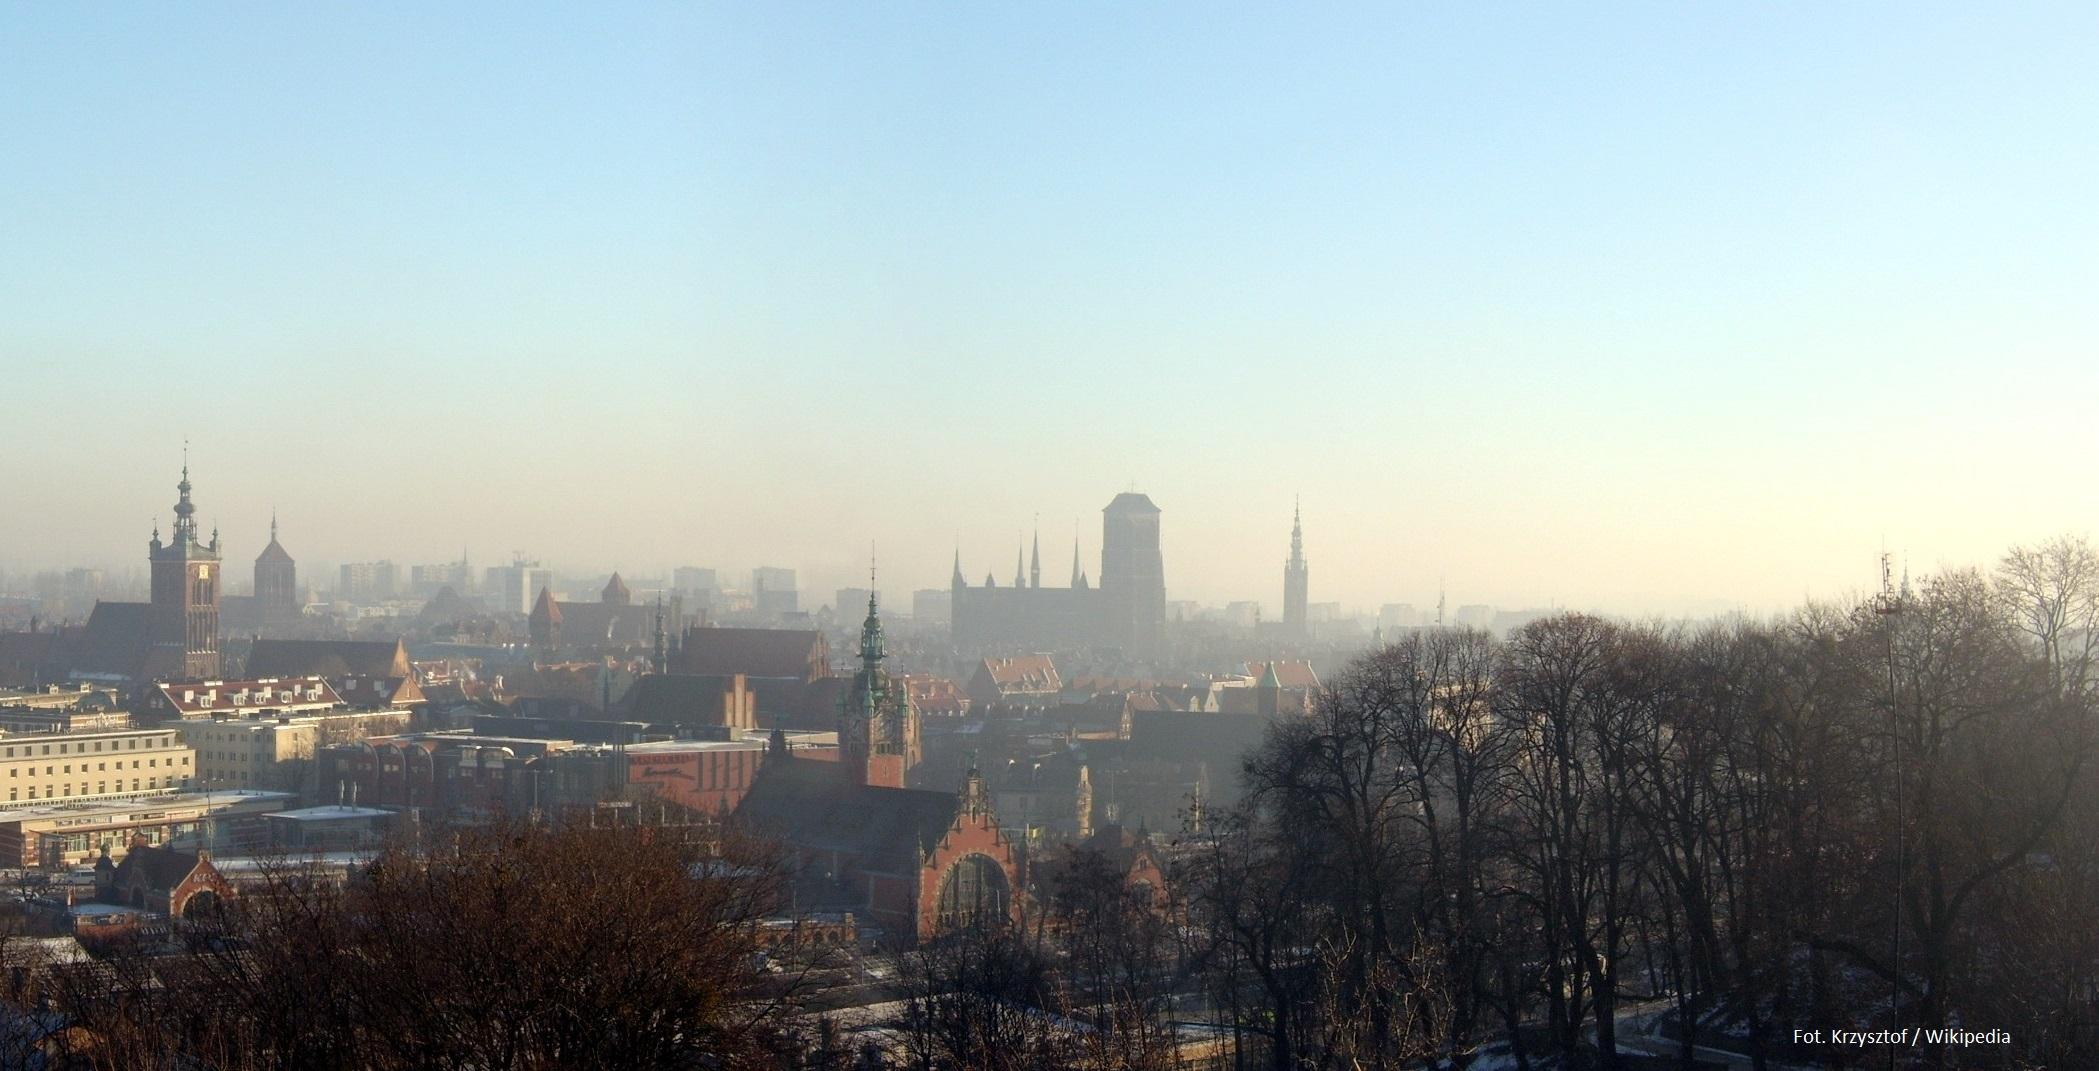 Na wiosnę - Gdańsk